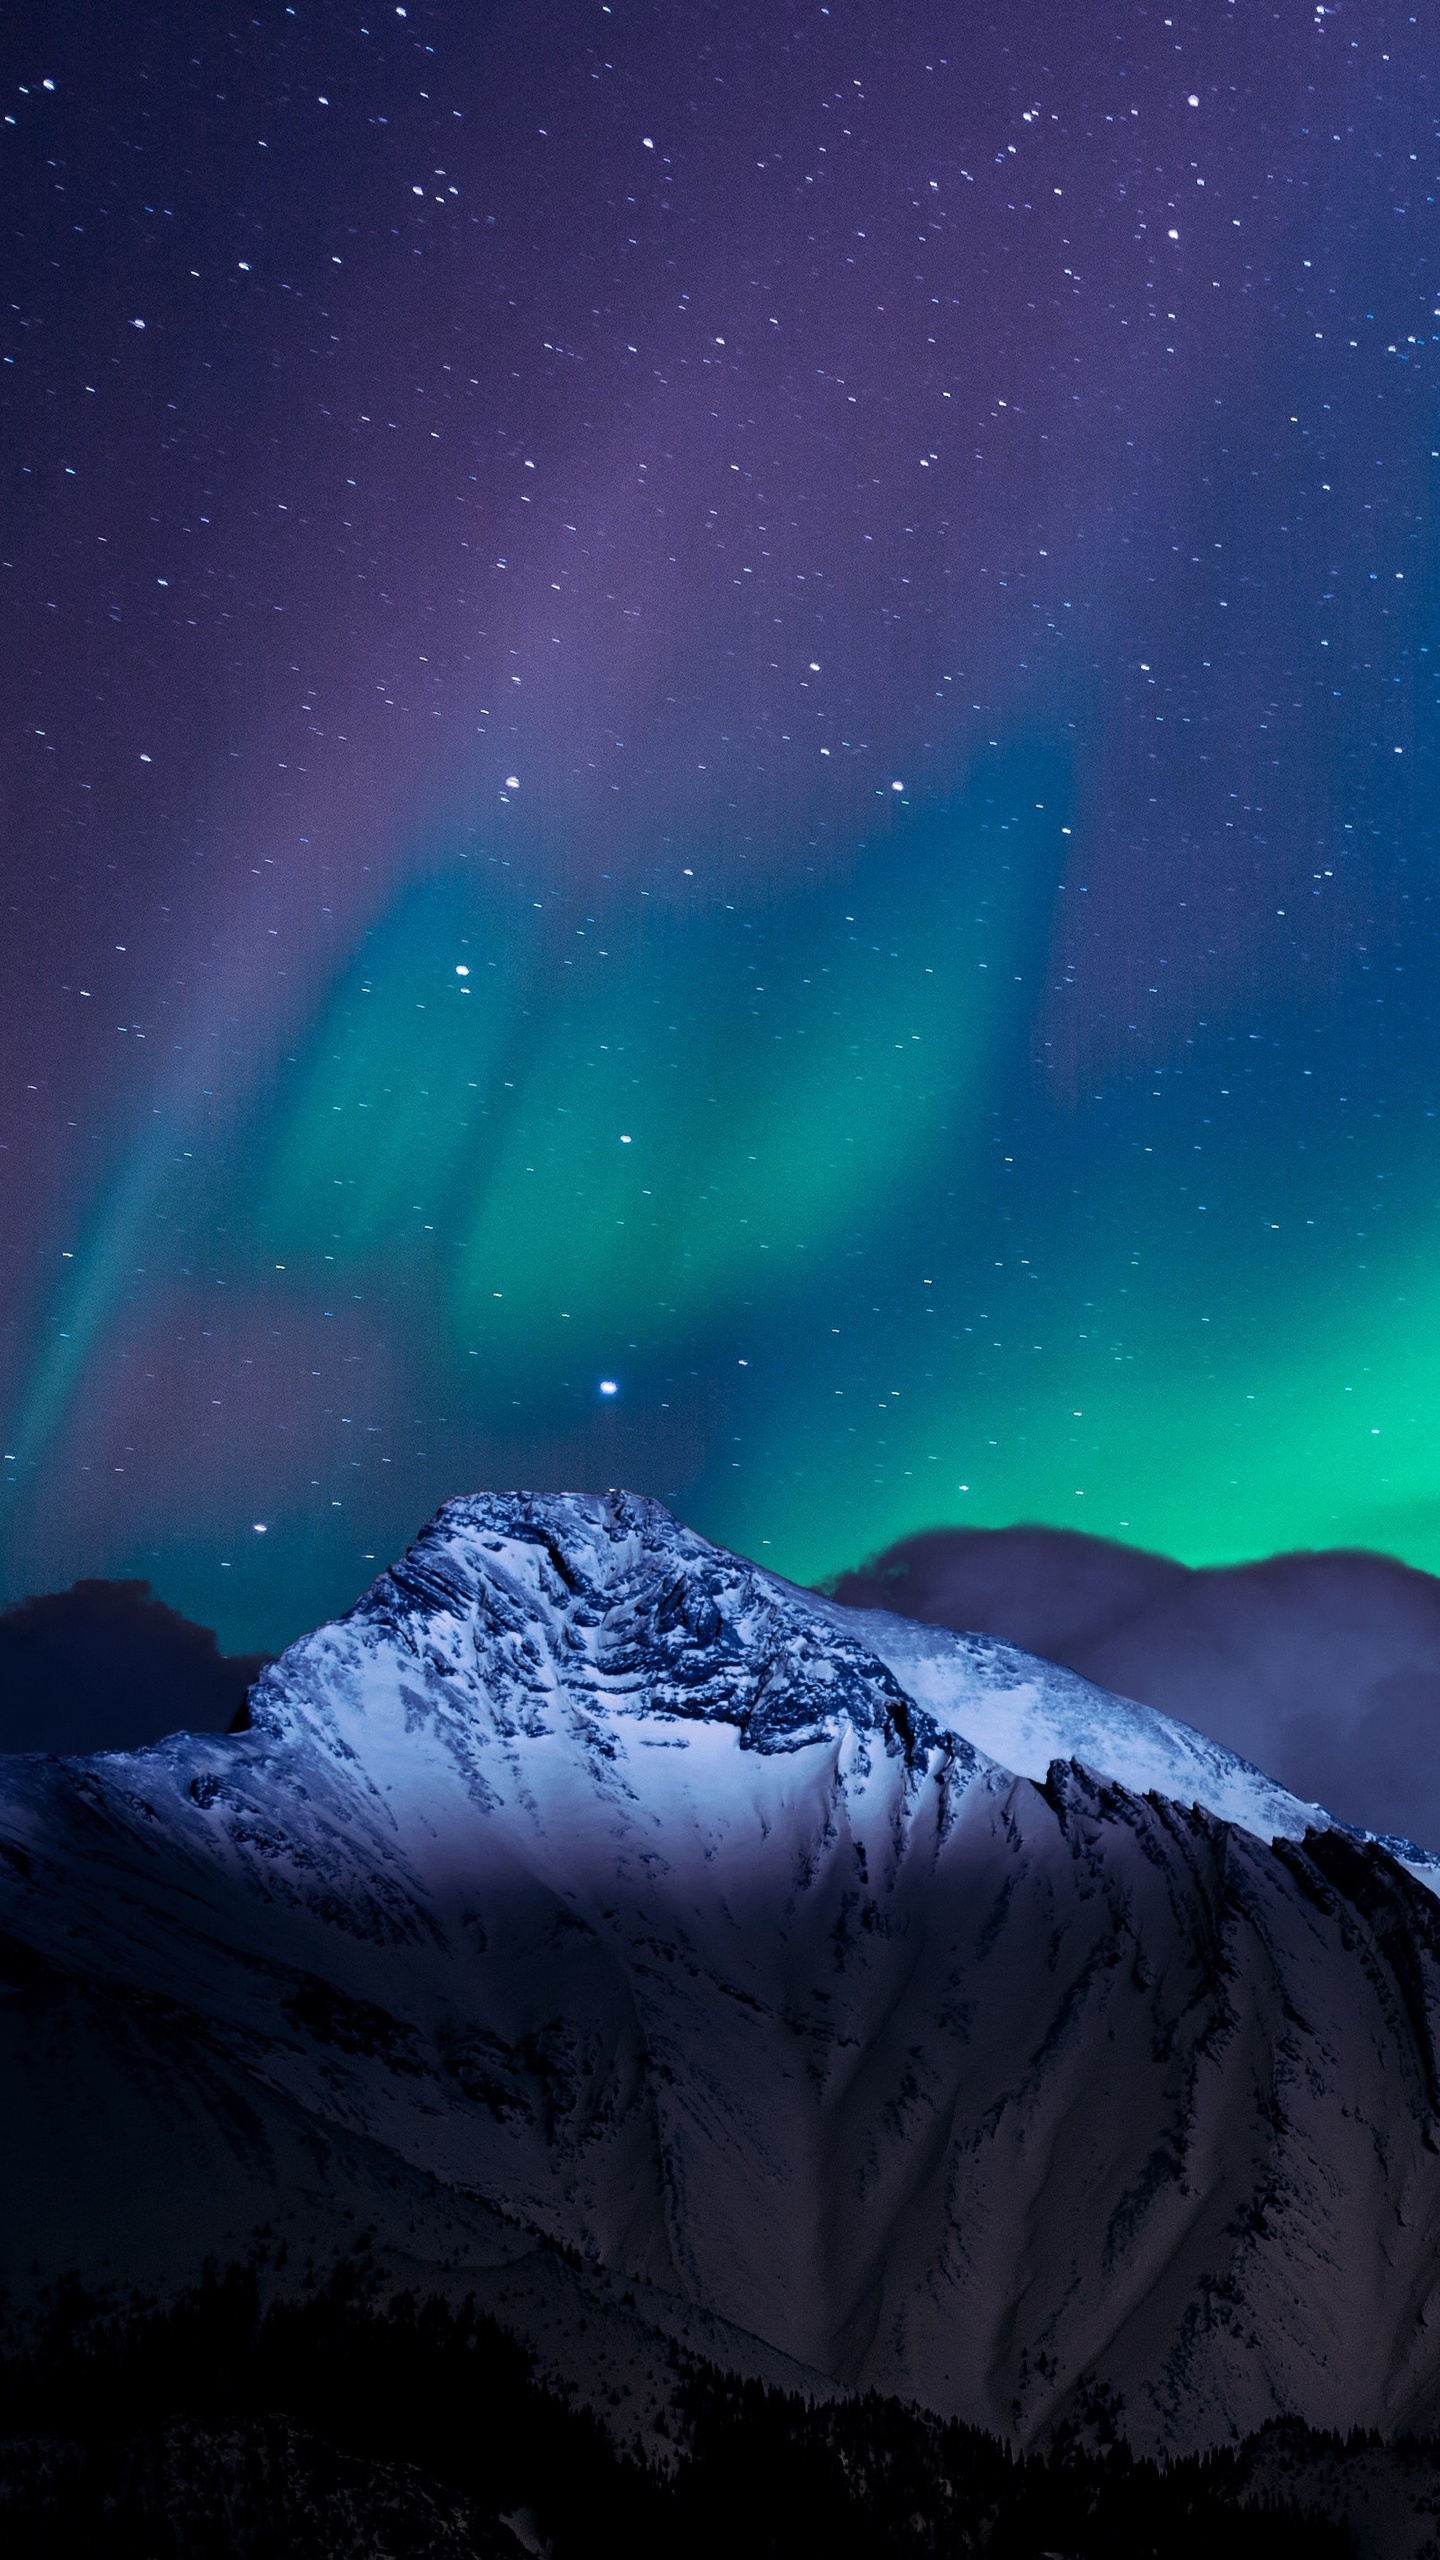 northern-lights-night-sky-mountains-landscape-4k-k8.jpg